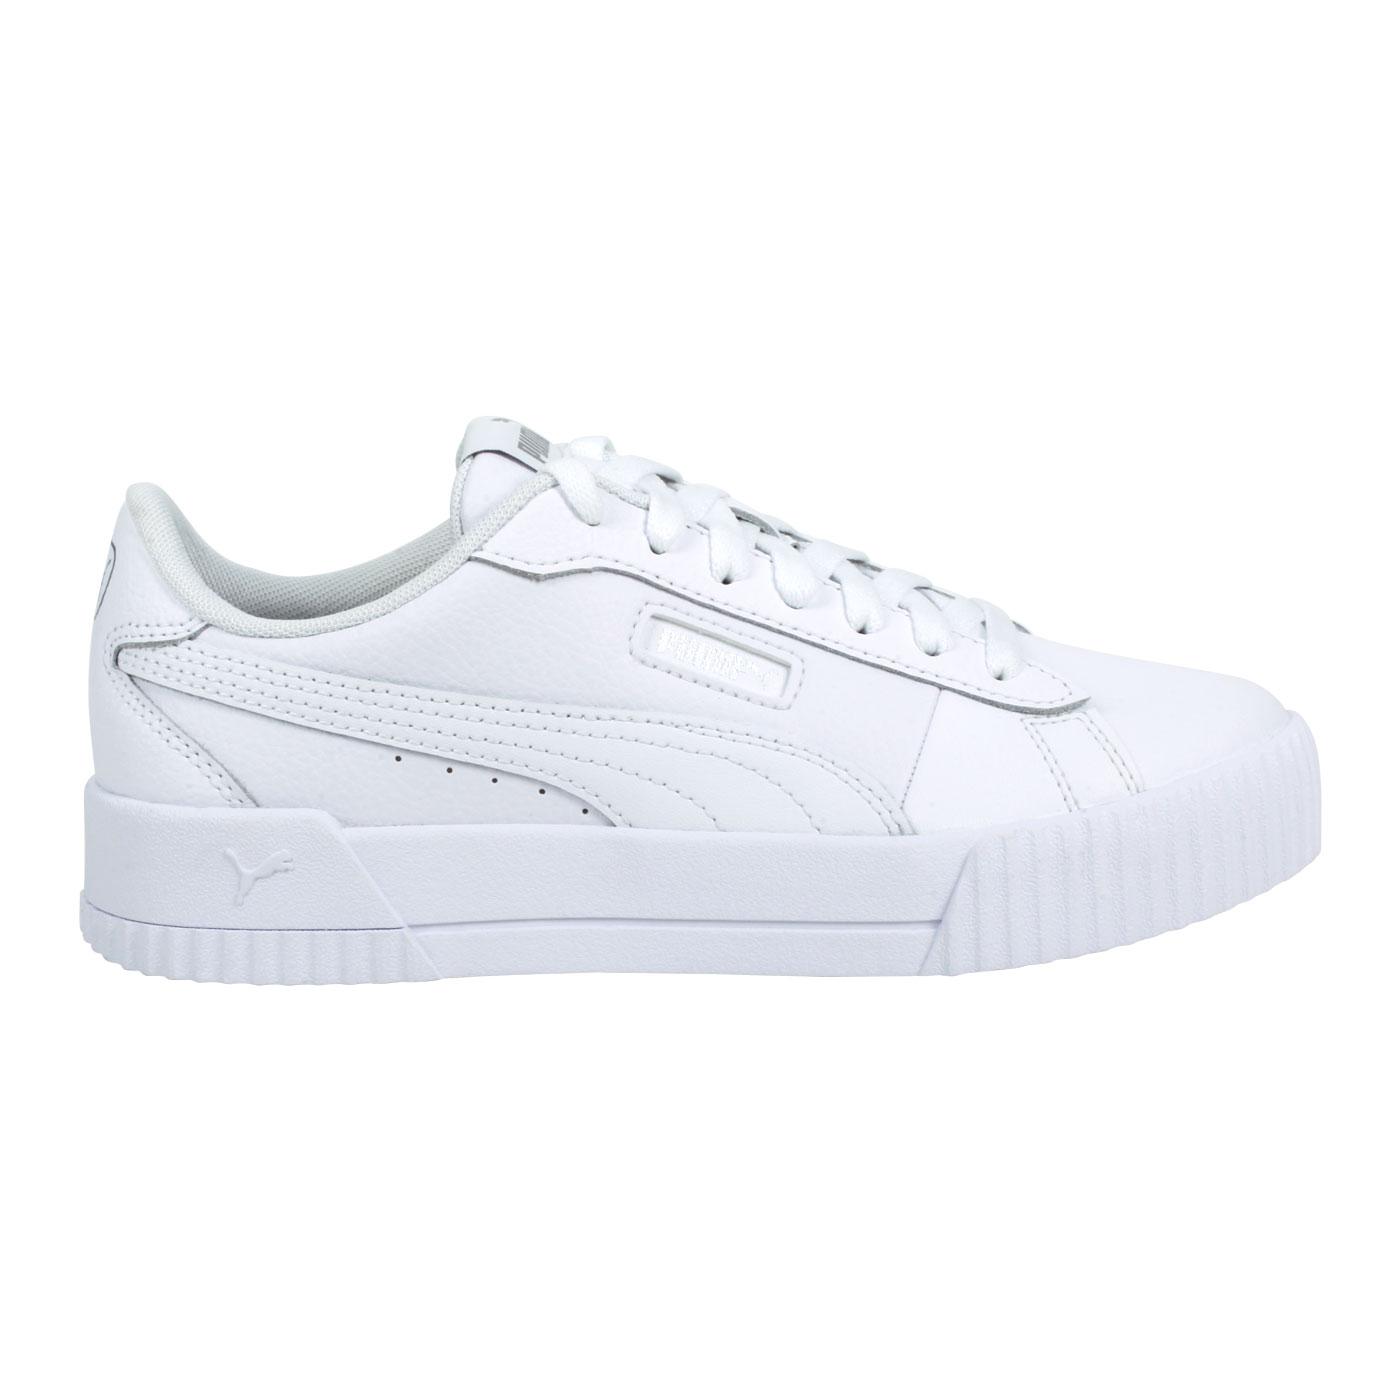 PUMA 女款休閒運動鞋  @Carine Crew@37490302 - 白